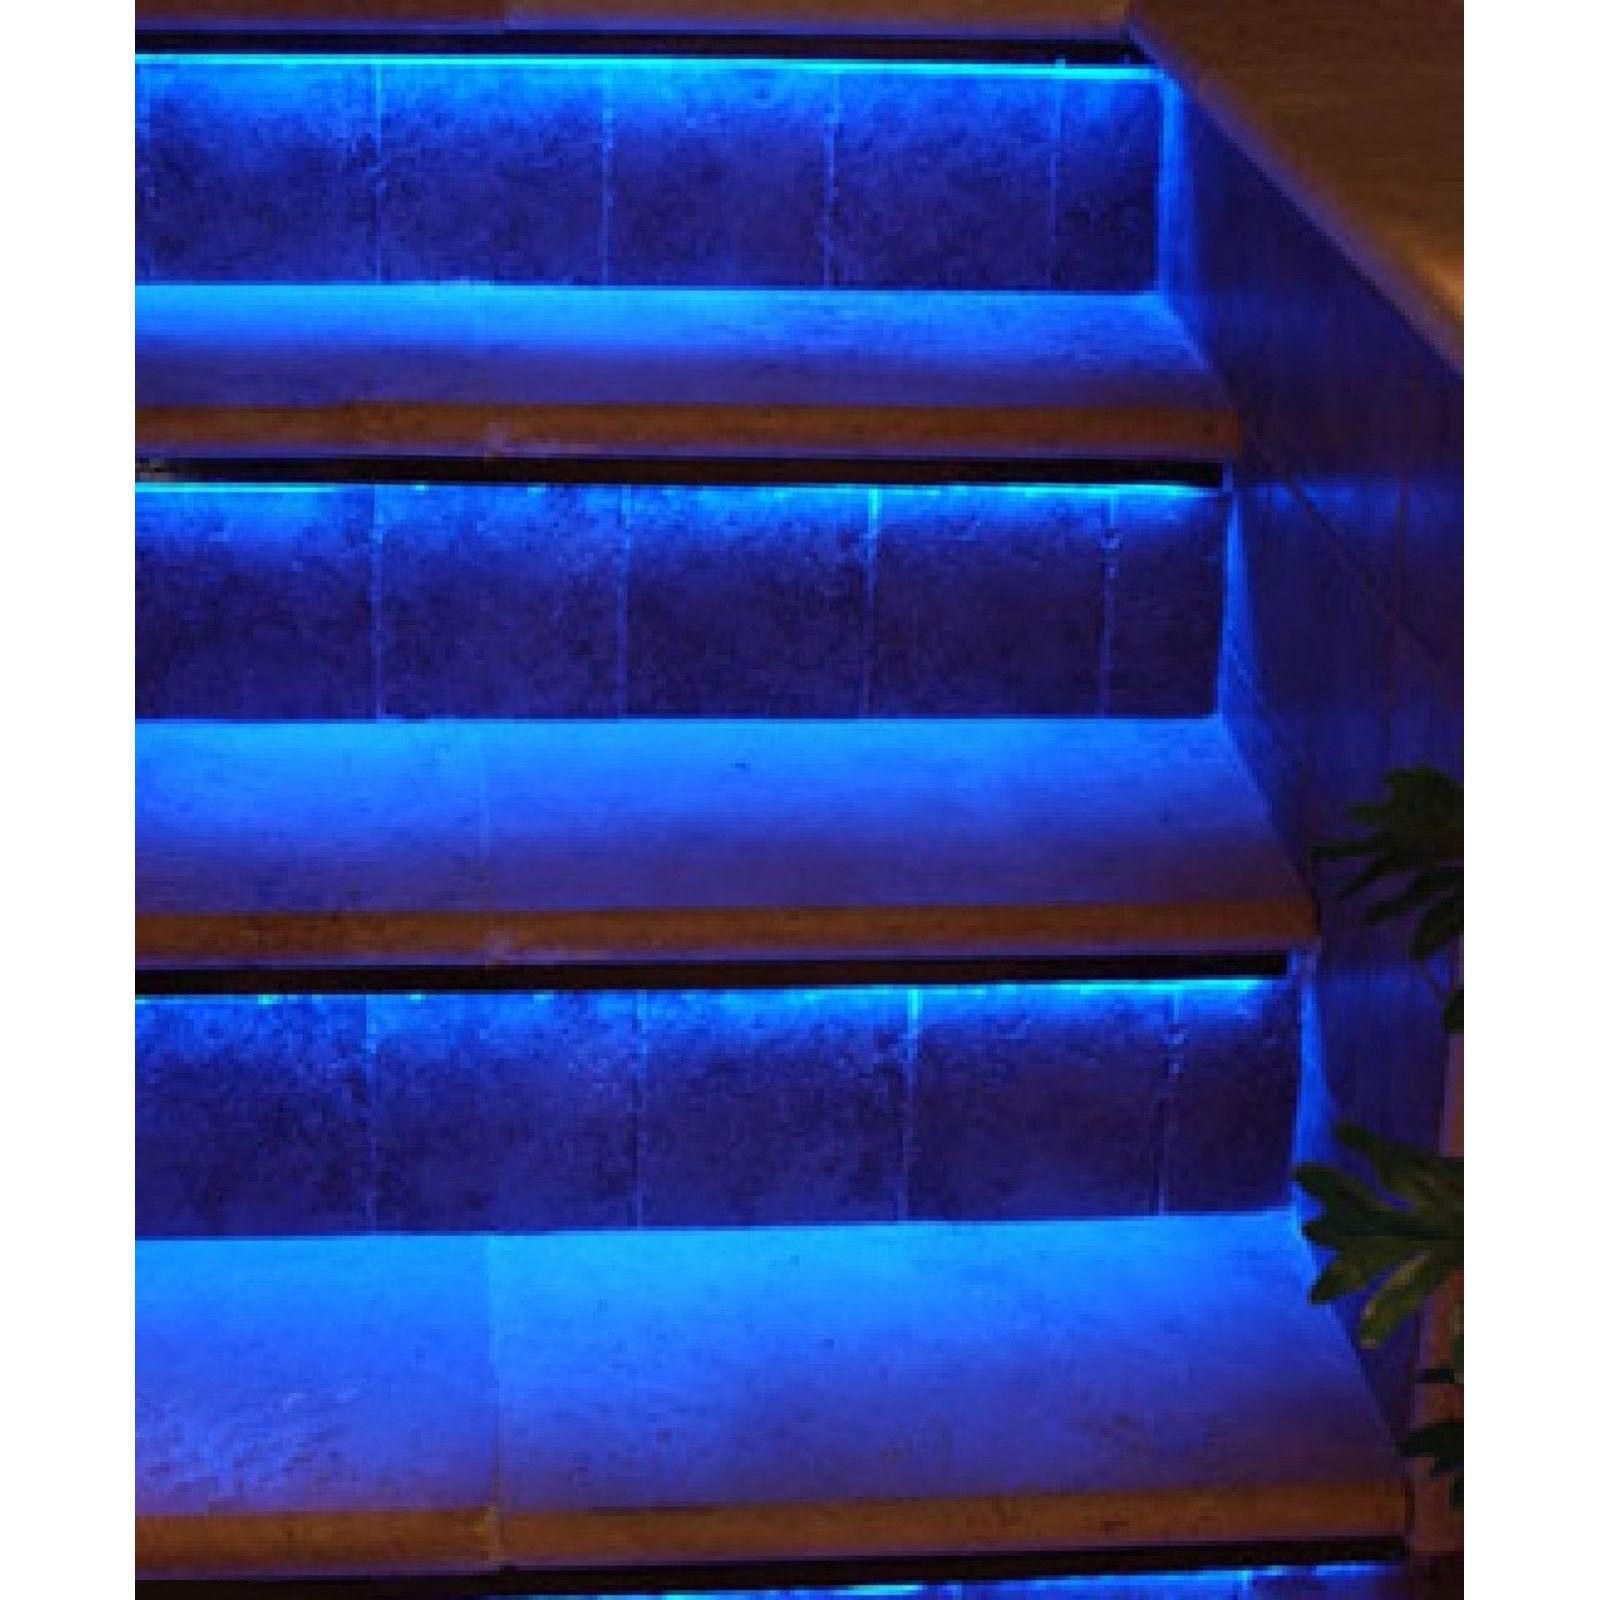 RGB LED Walkway Hallway Stairway Runway Stairs Patio Deck Yard Steps Lights Kit - $49.95